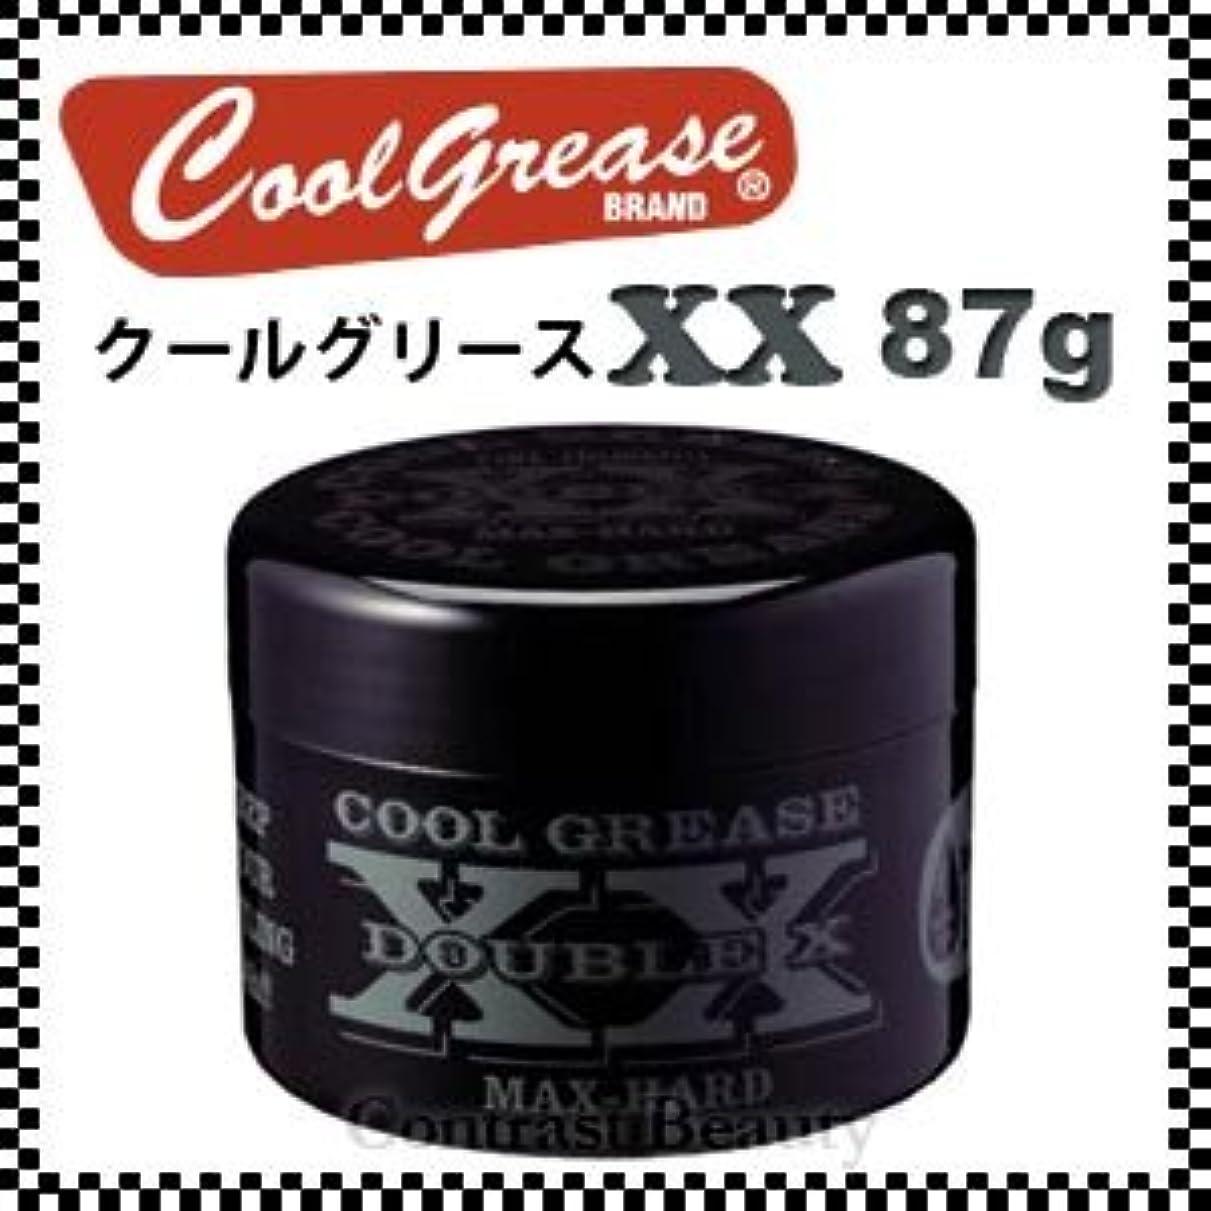 胃クリーム物思いにふける【X2個セット】 阪本高生堂 クールグリース XX 87g